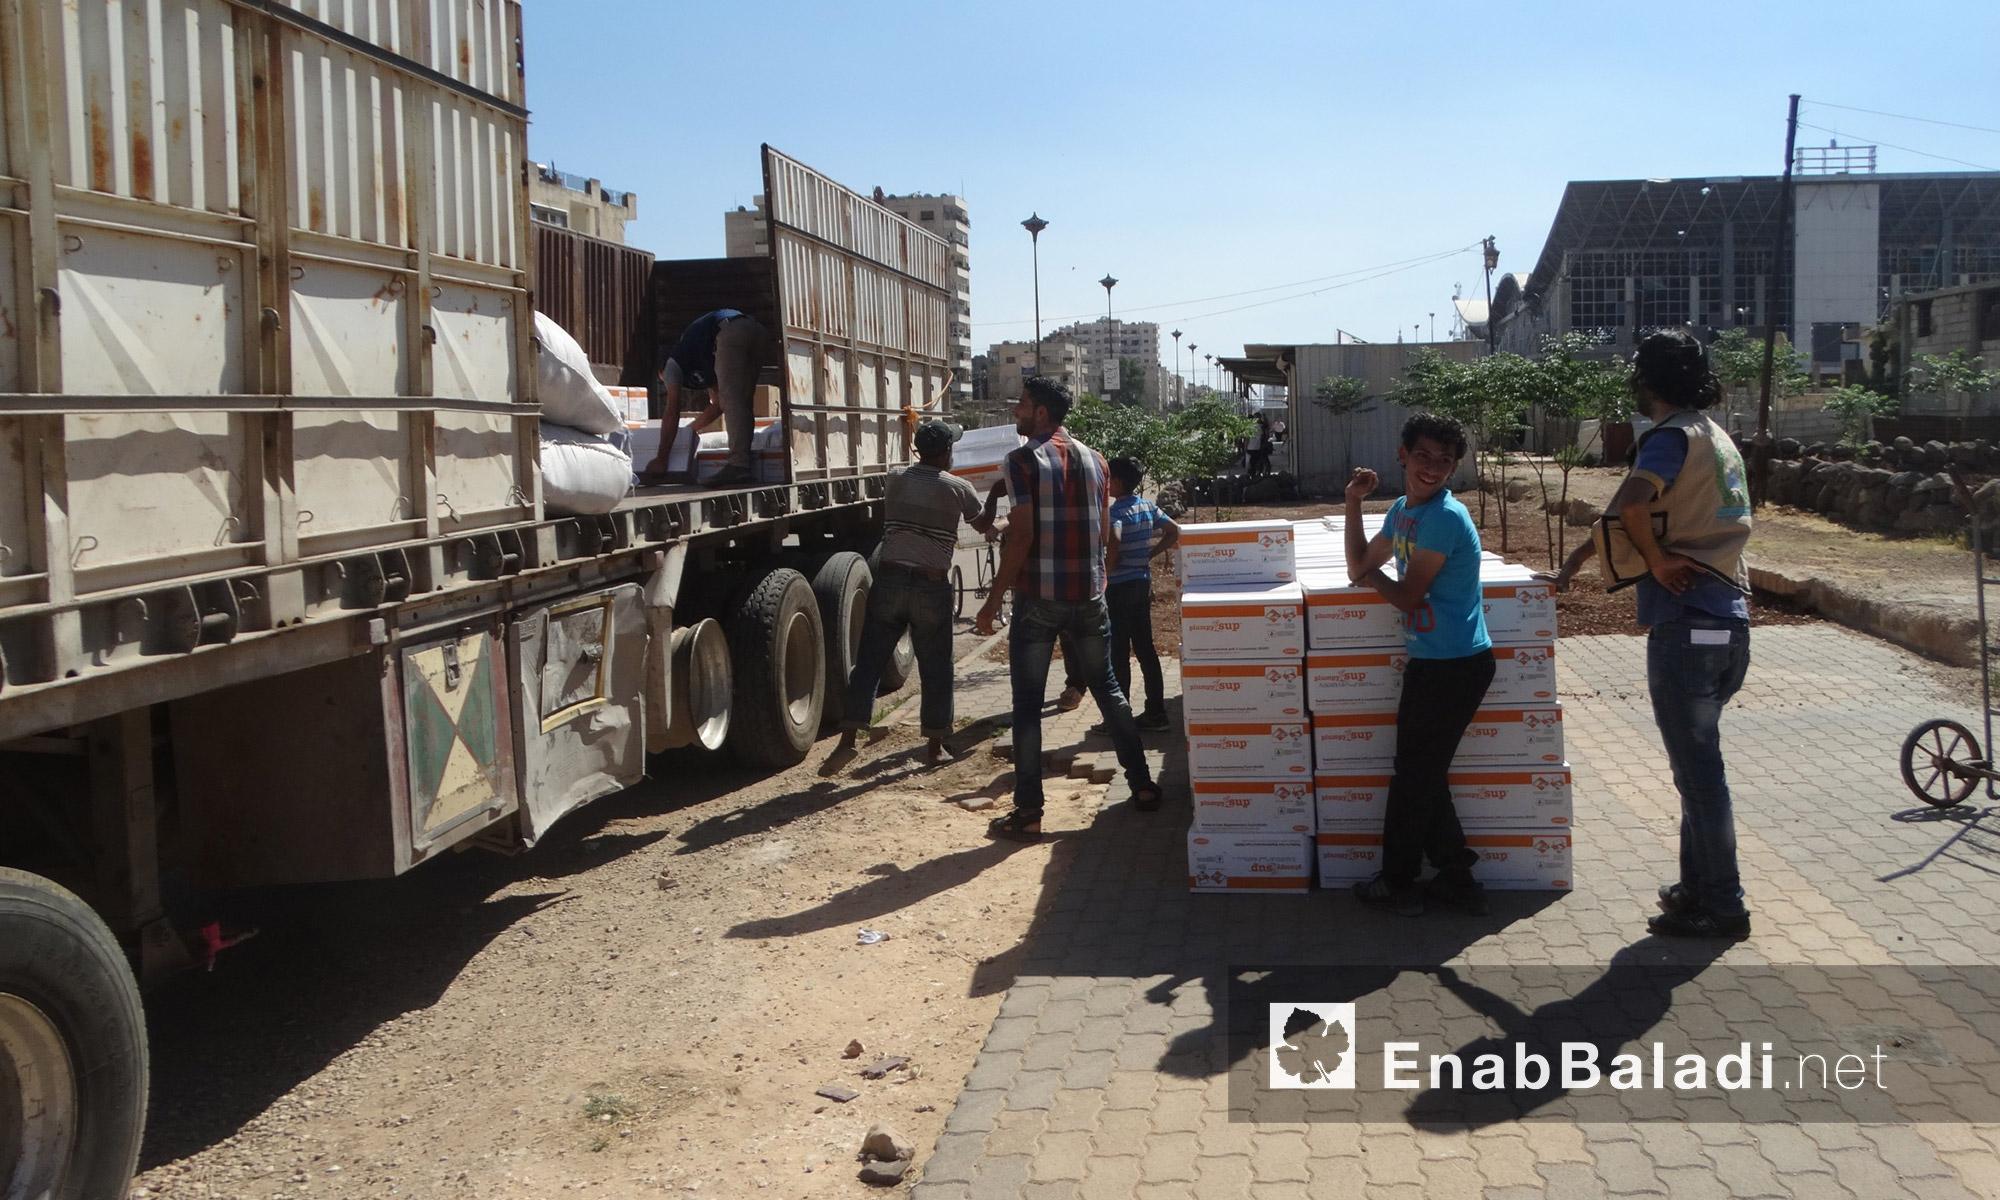 قافلة المساعدات داخل حي الوعر في حمص - الخميس 14 تموز (عنب بلدي)